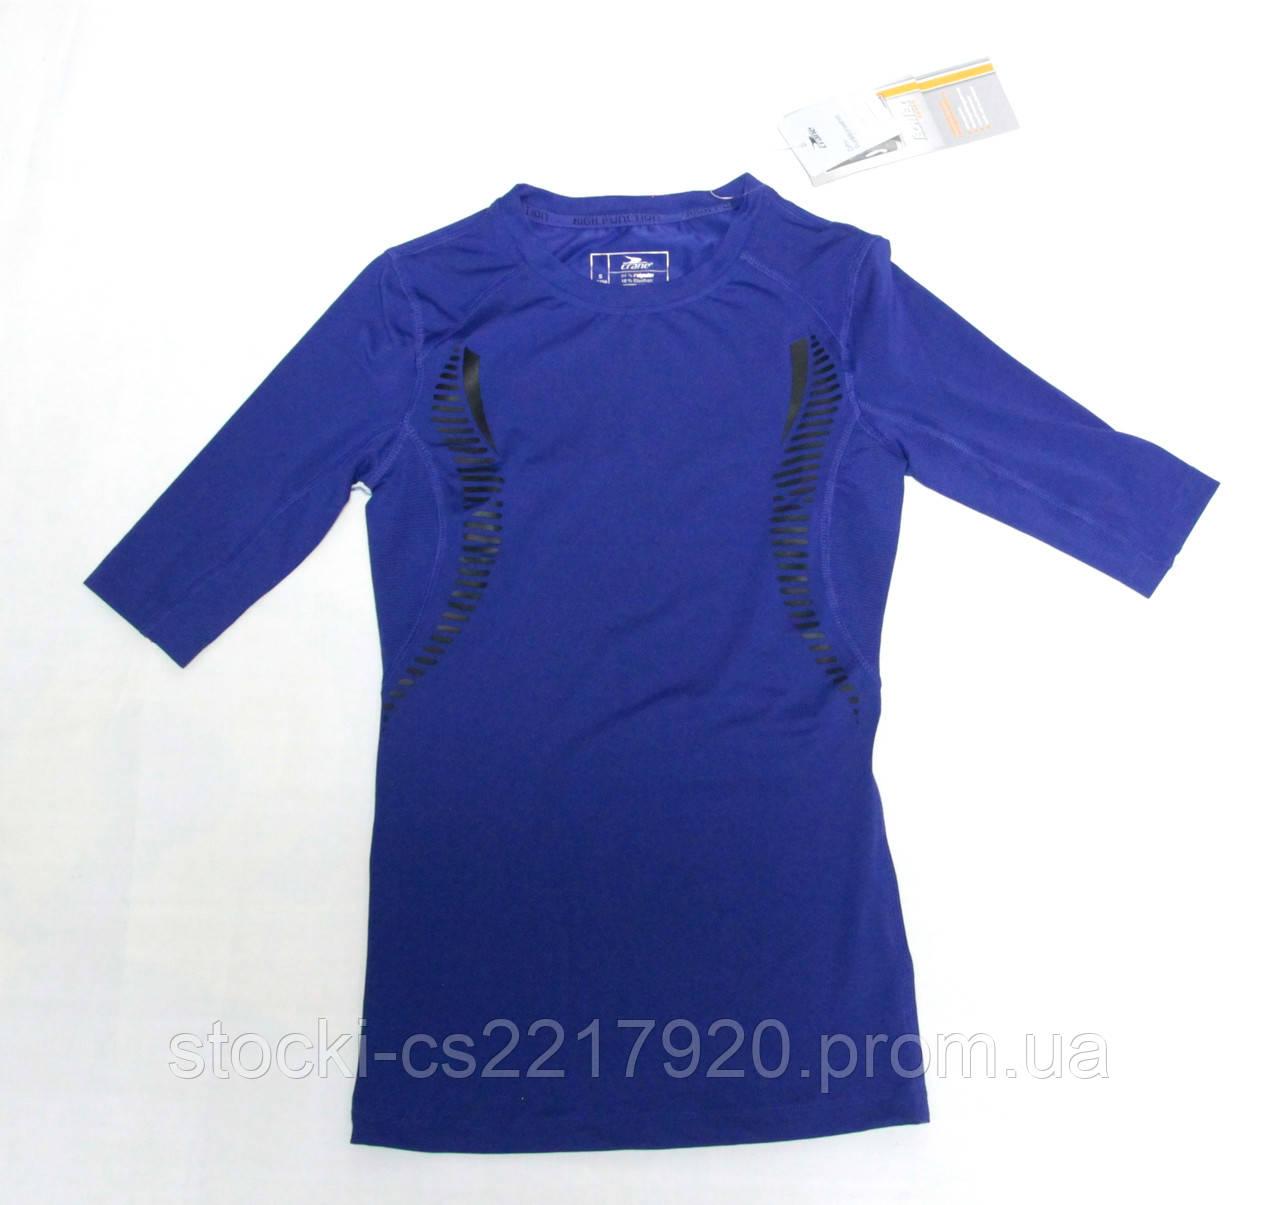 Спортивний одяг Crane ebcce20527005